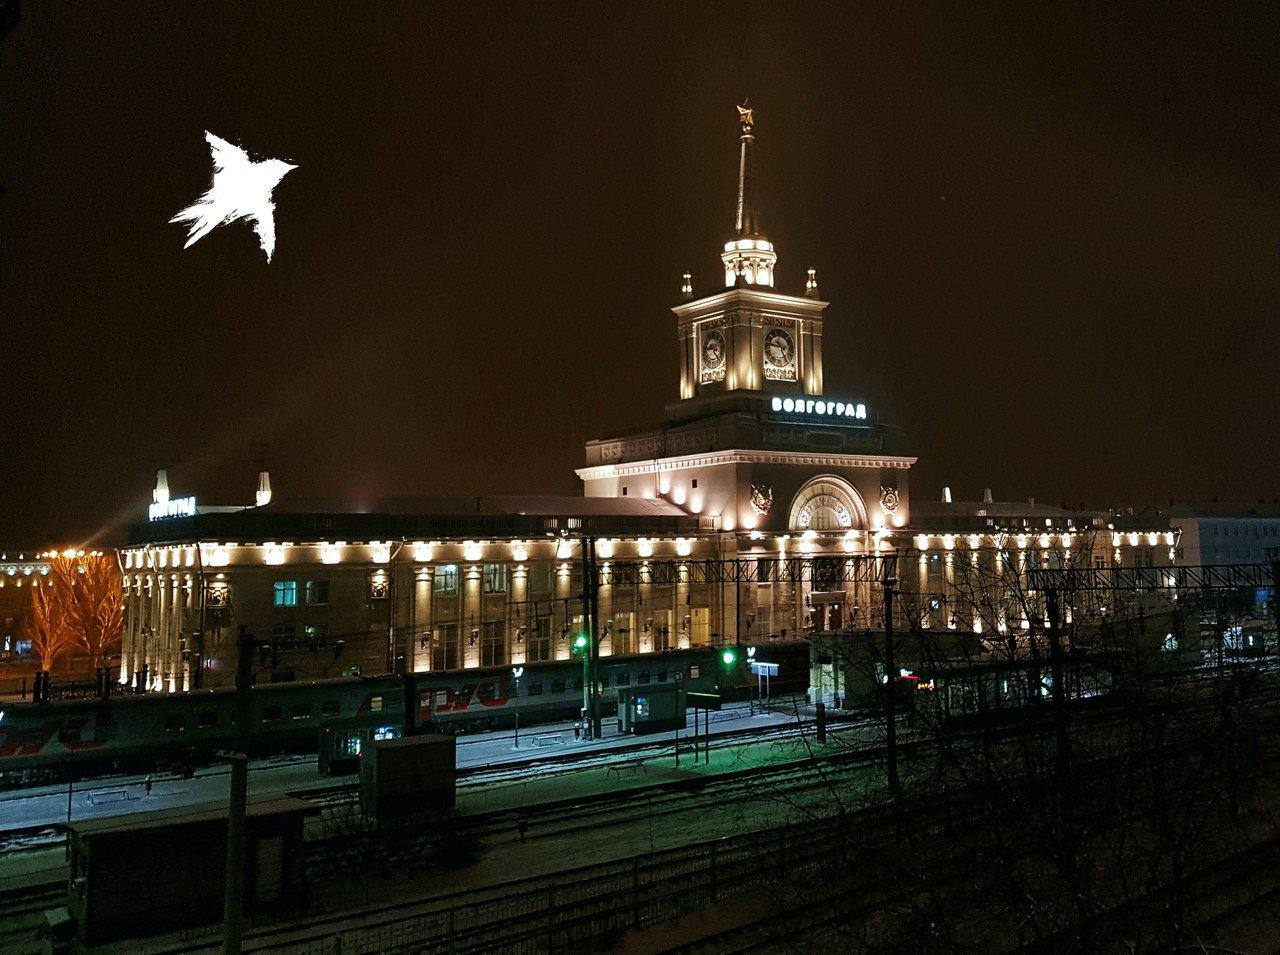 картинки волгоградского вокзала имеющие овальный тип